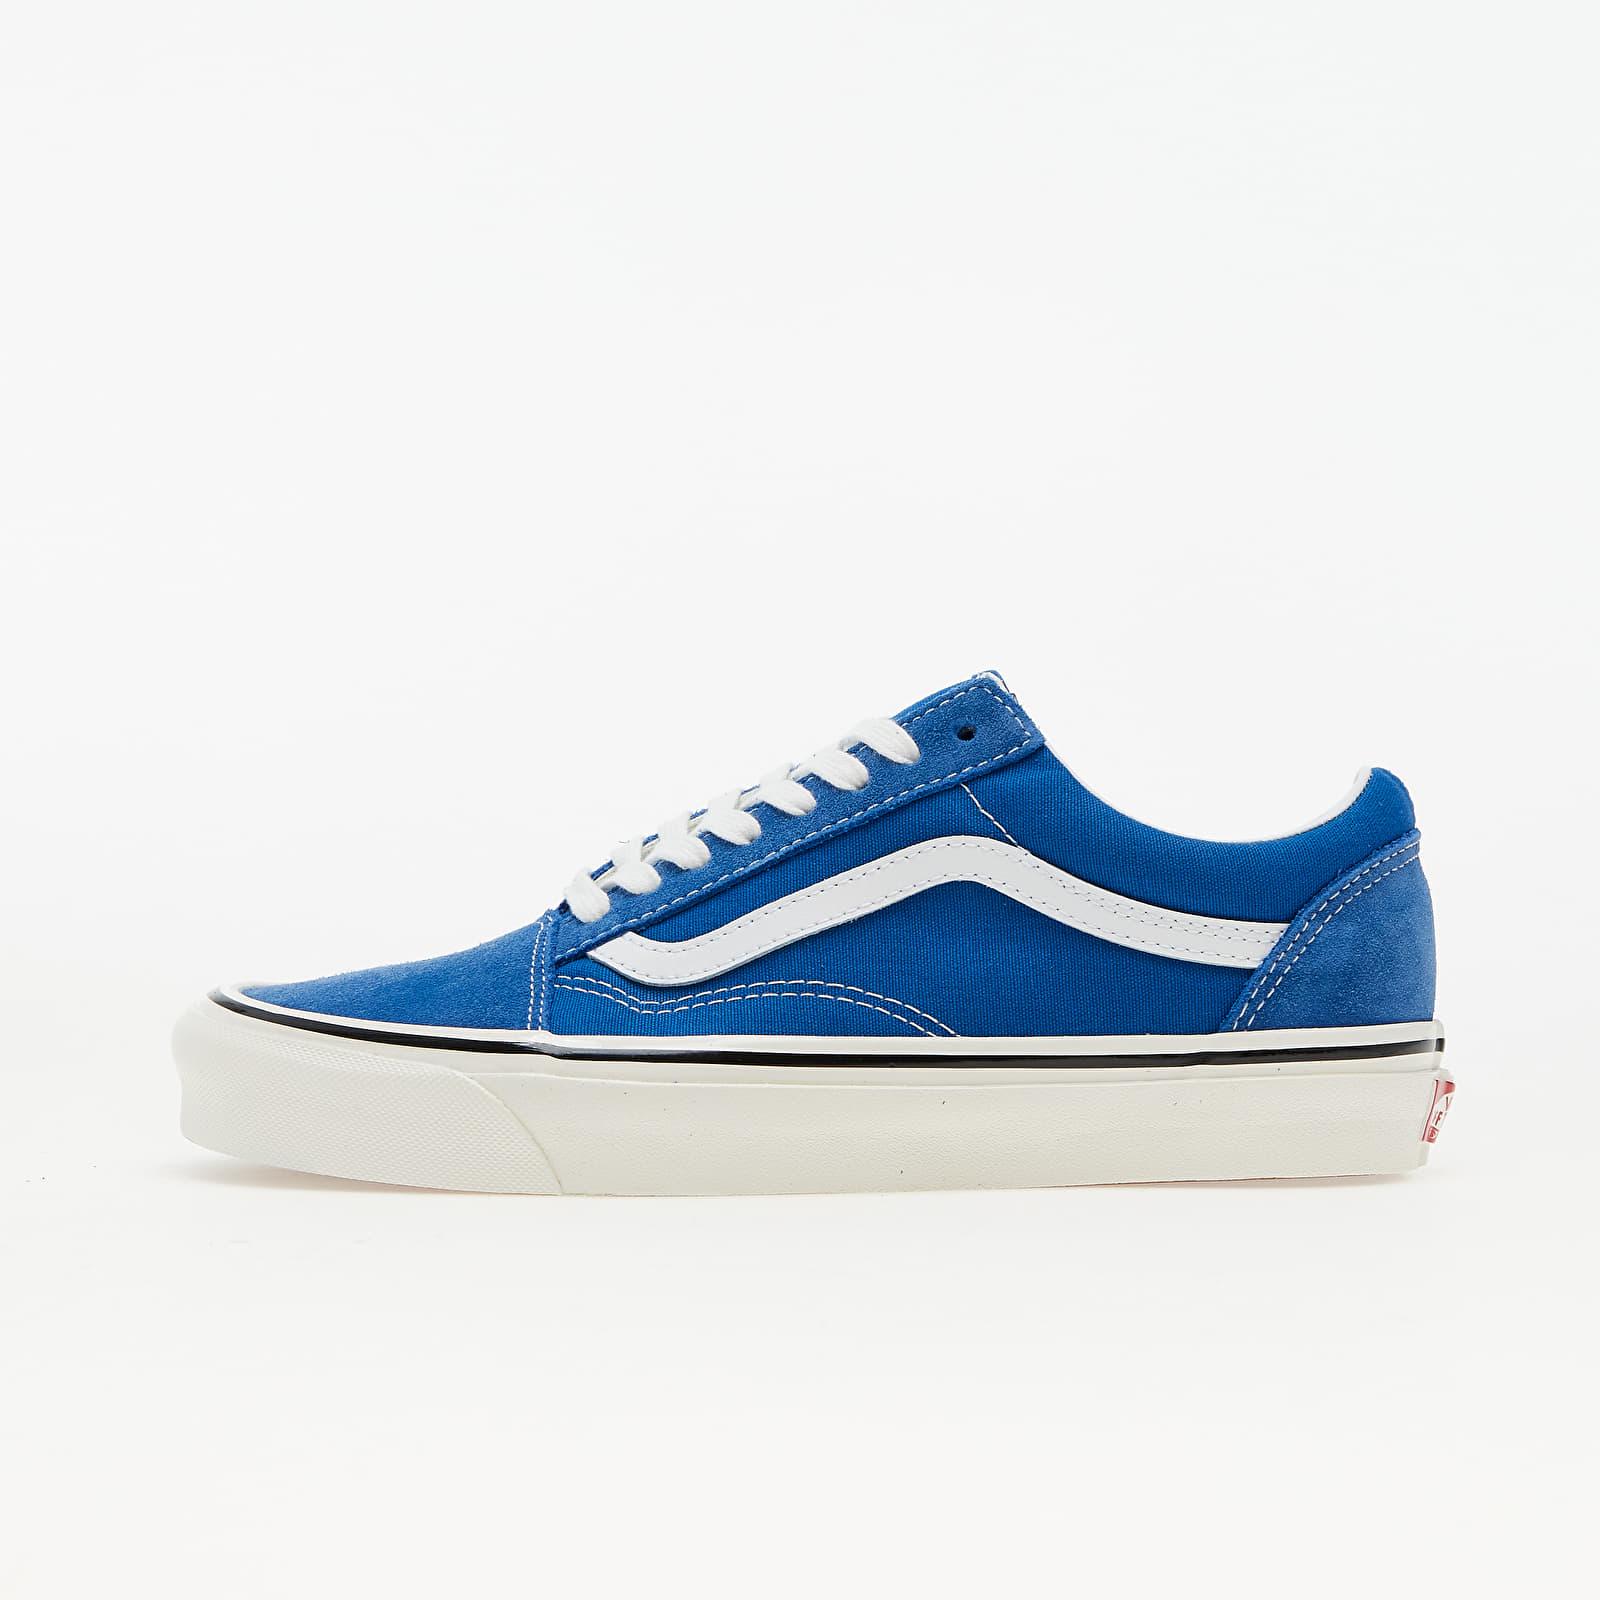 Vans Old Skool 36 DX (Anaheim Factory) Og Blue EUR 43